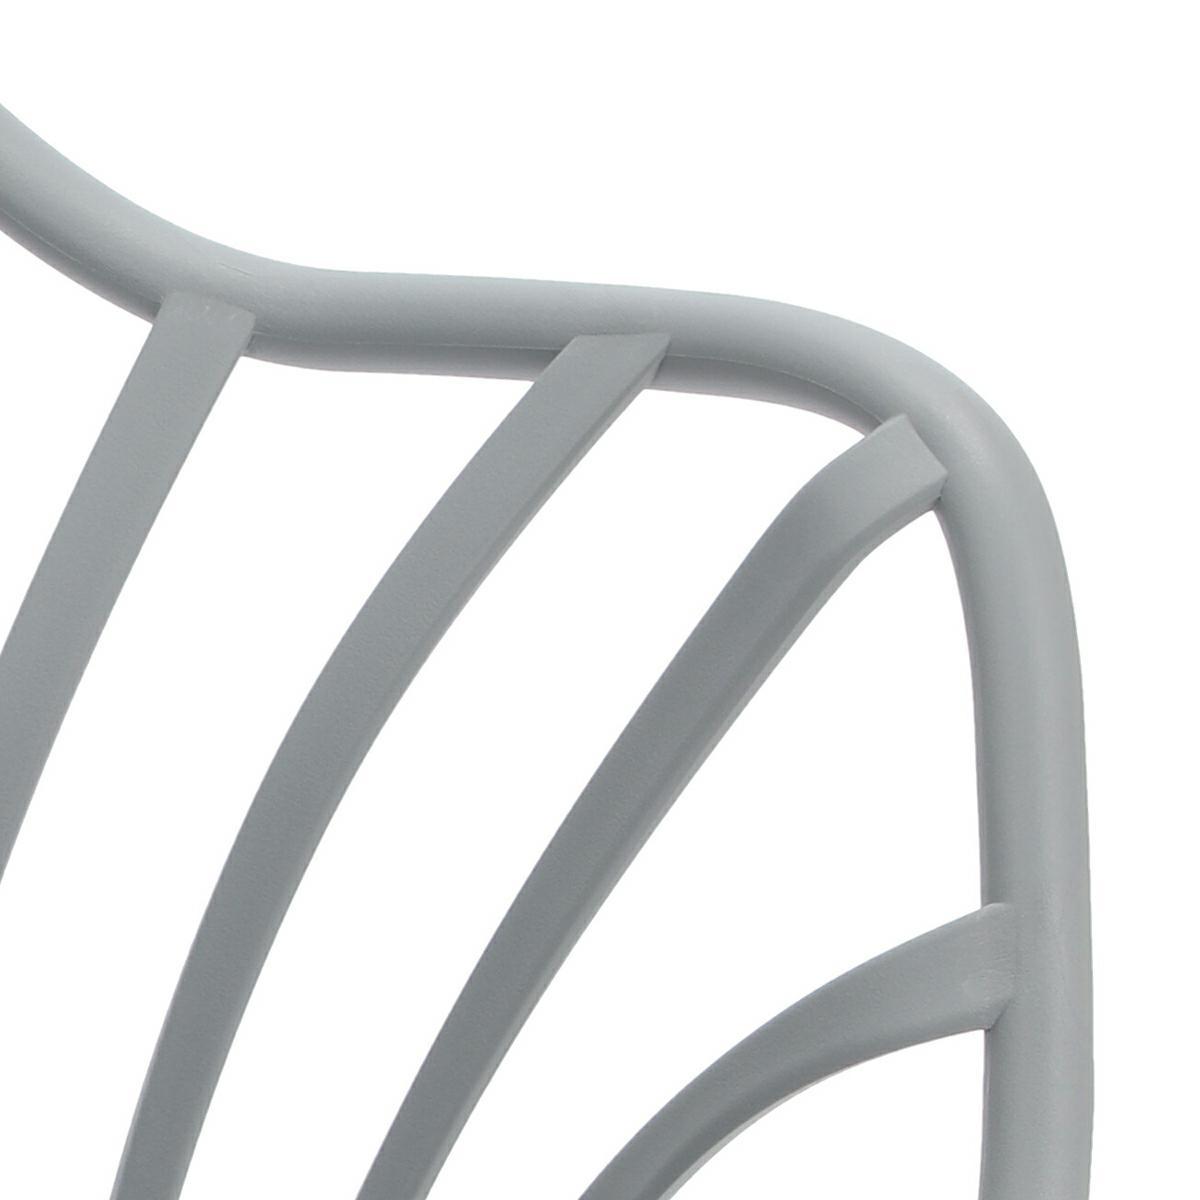 Krzesło Sirena z podłokietnikami szare - zdjęcie nr 16